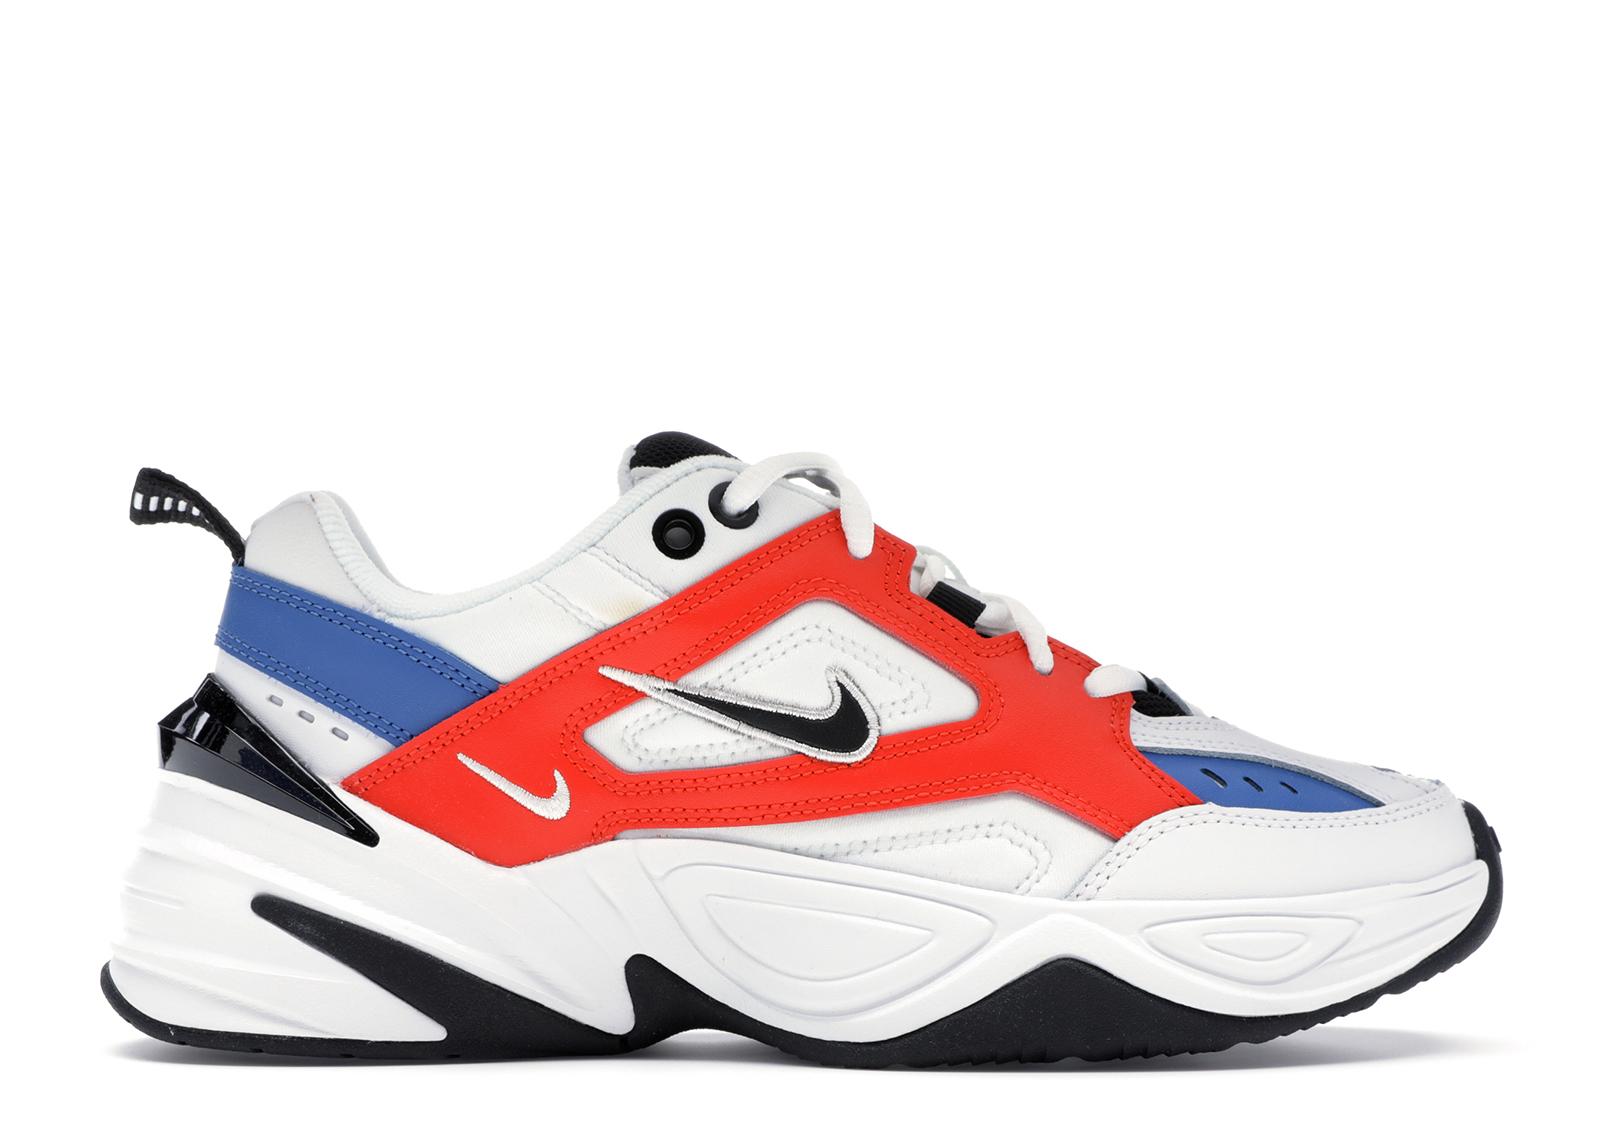 White Nike Tekno Orangew Black M2k TwXiOPkZu